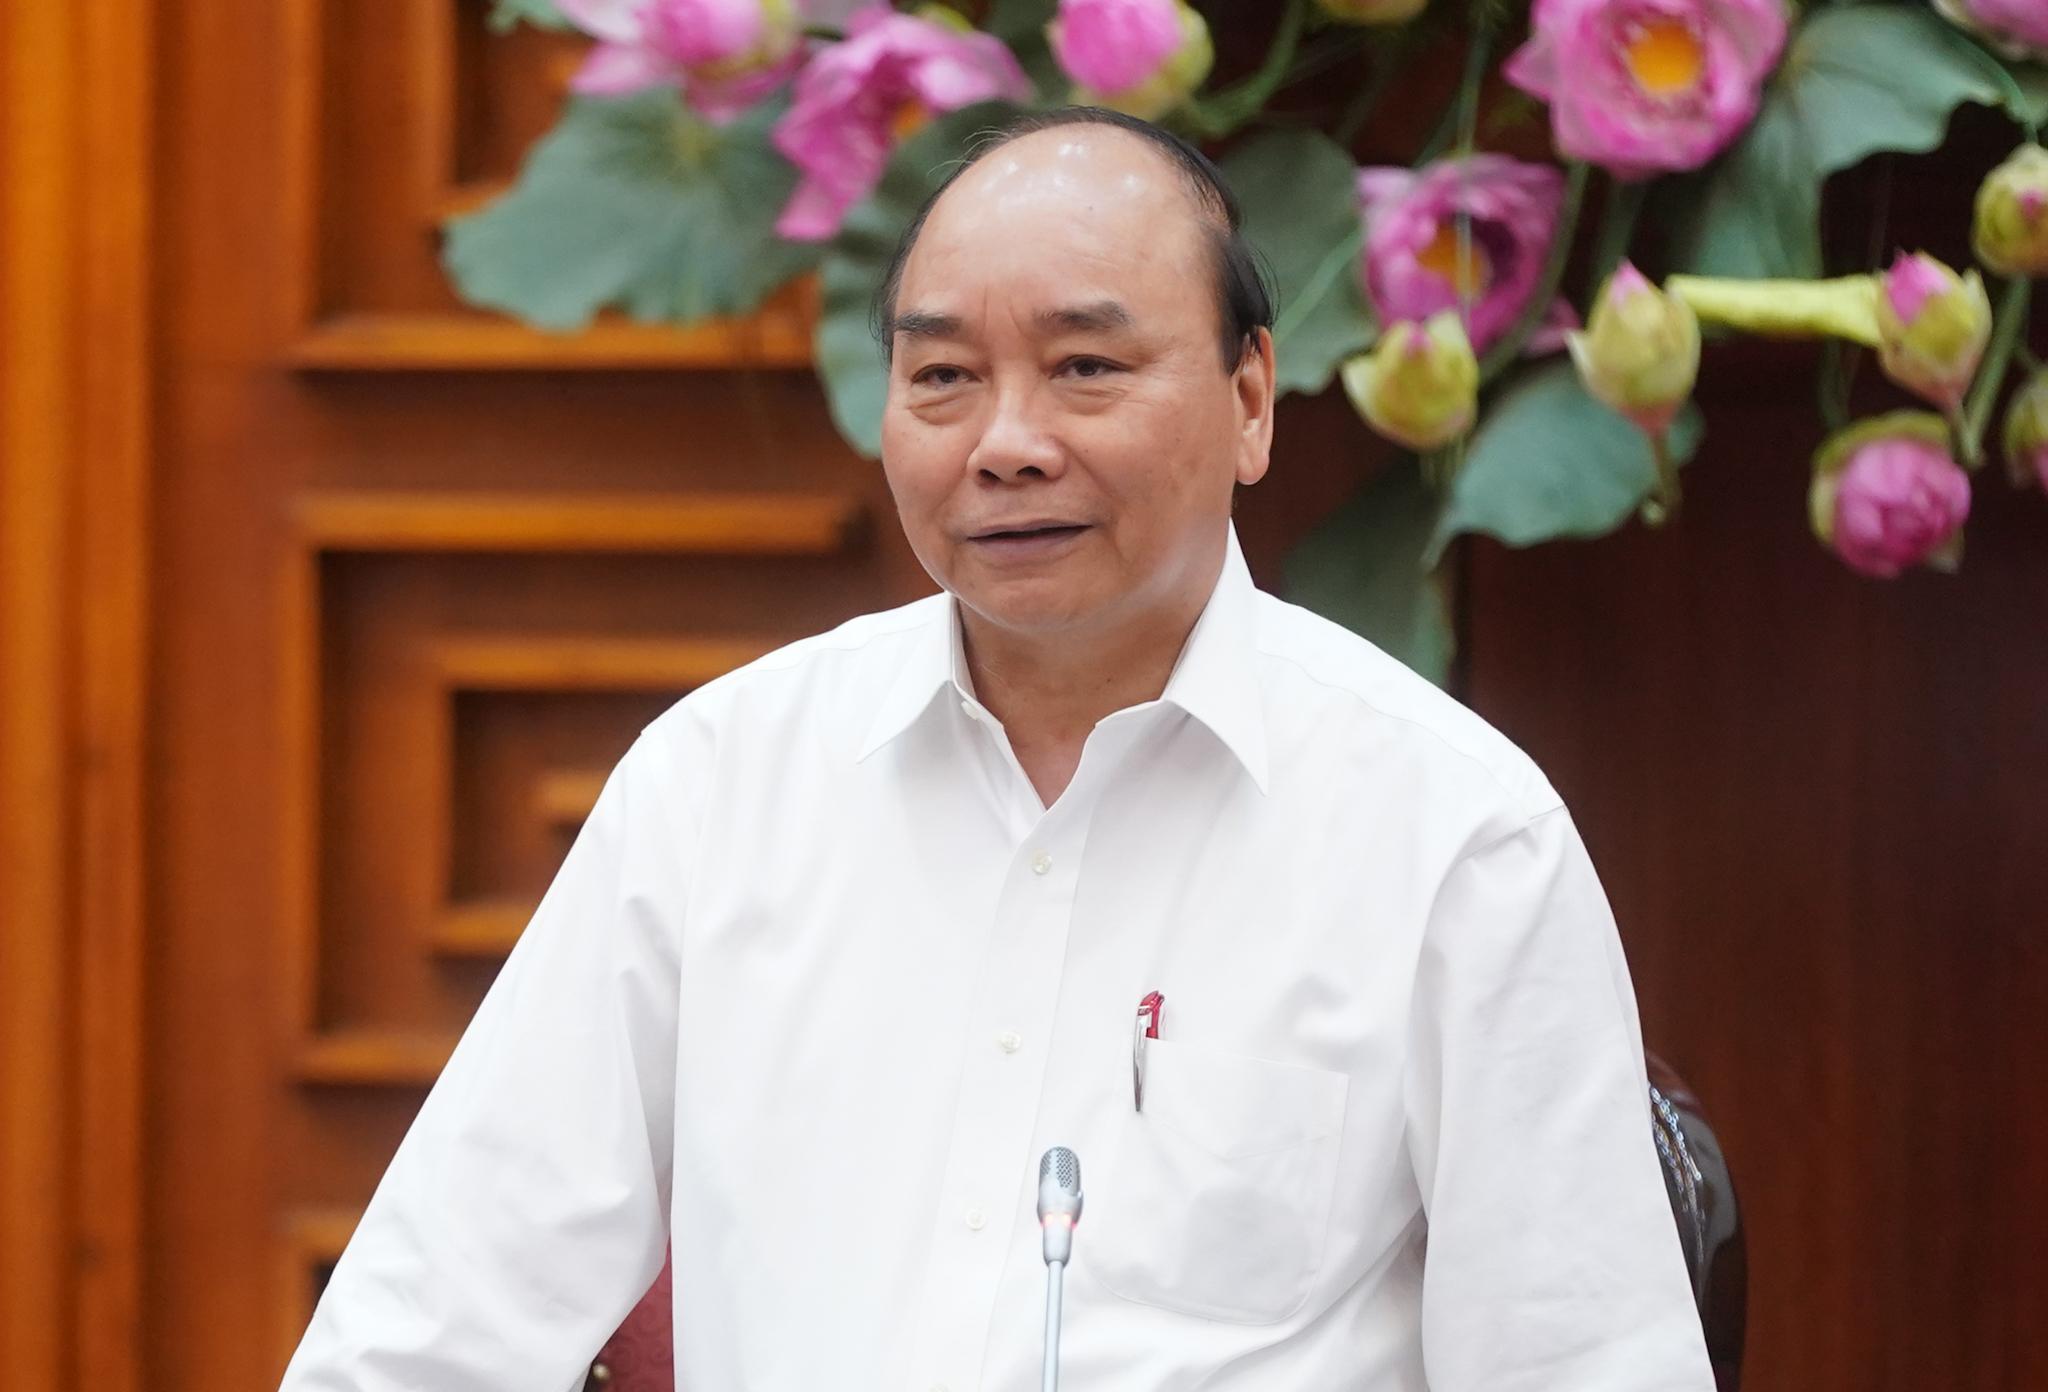 Hóa đơn tiền điện tăng cao bất thường, Thủ tướng yêu cầu EVN làm rõ - Ảnh 1.